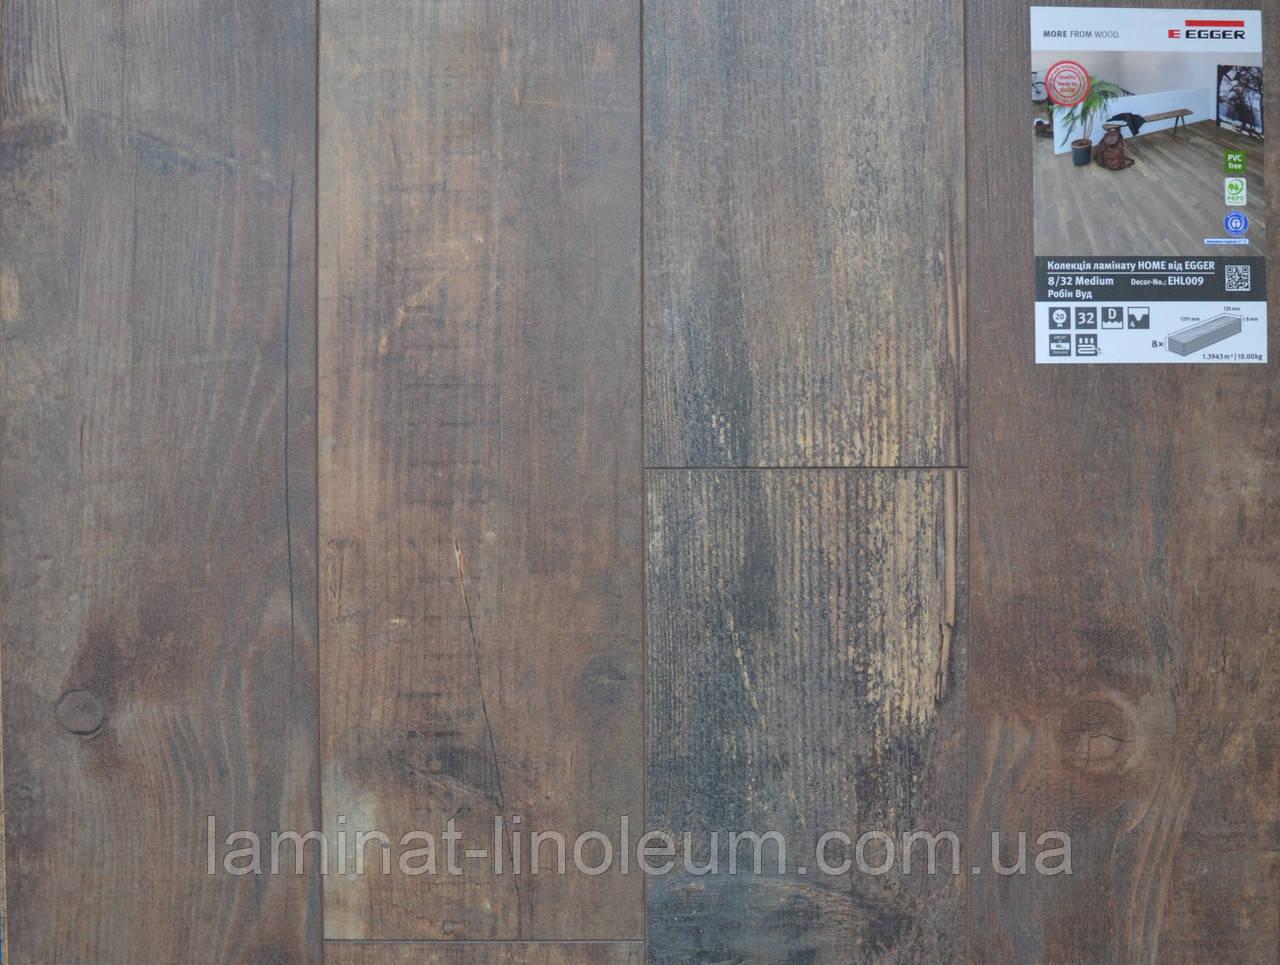 Ламинат Egger Home Medium Робин Вуд EHL009 для пола в офис, квартиру, дом, комнату, кухню, детскую